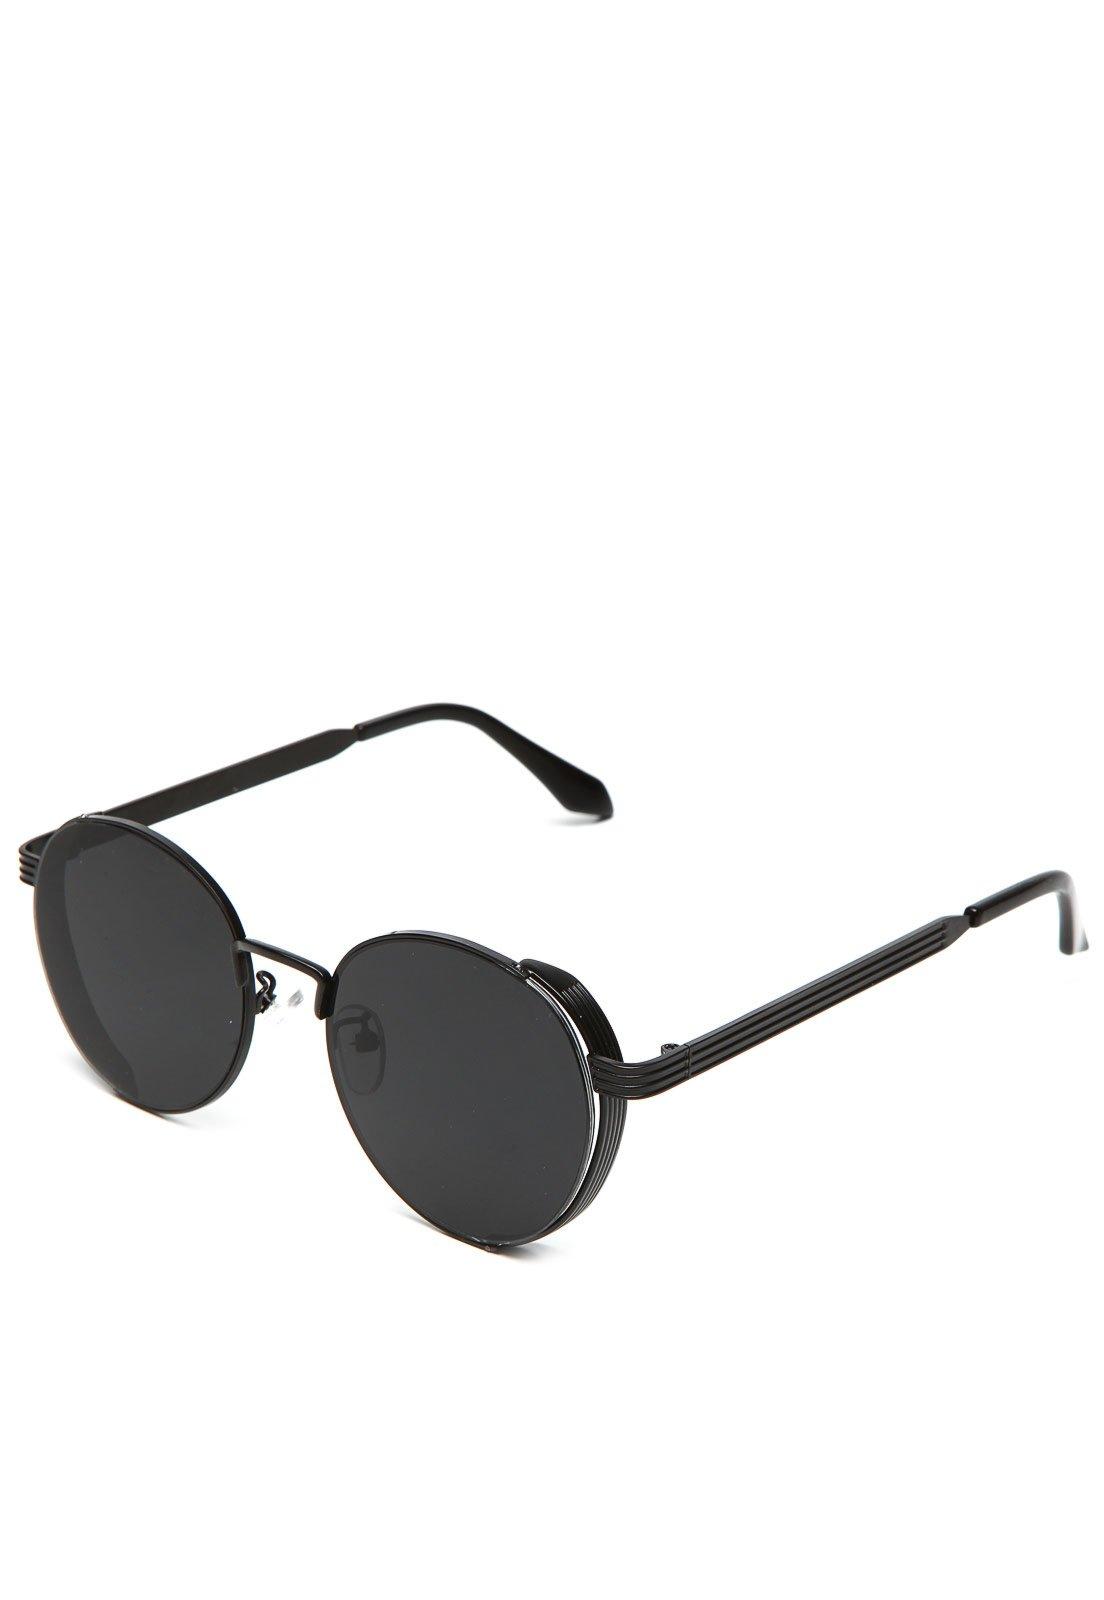 aead66e6c Óculos de Sol MAU MAU Liso Preto - Compre Agora | Kanui Brasil